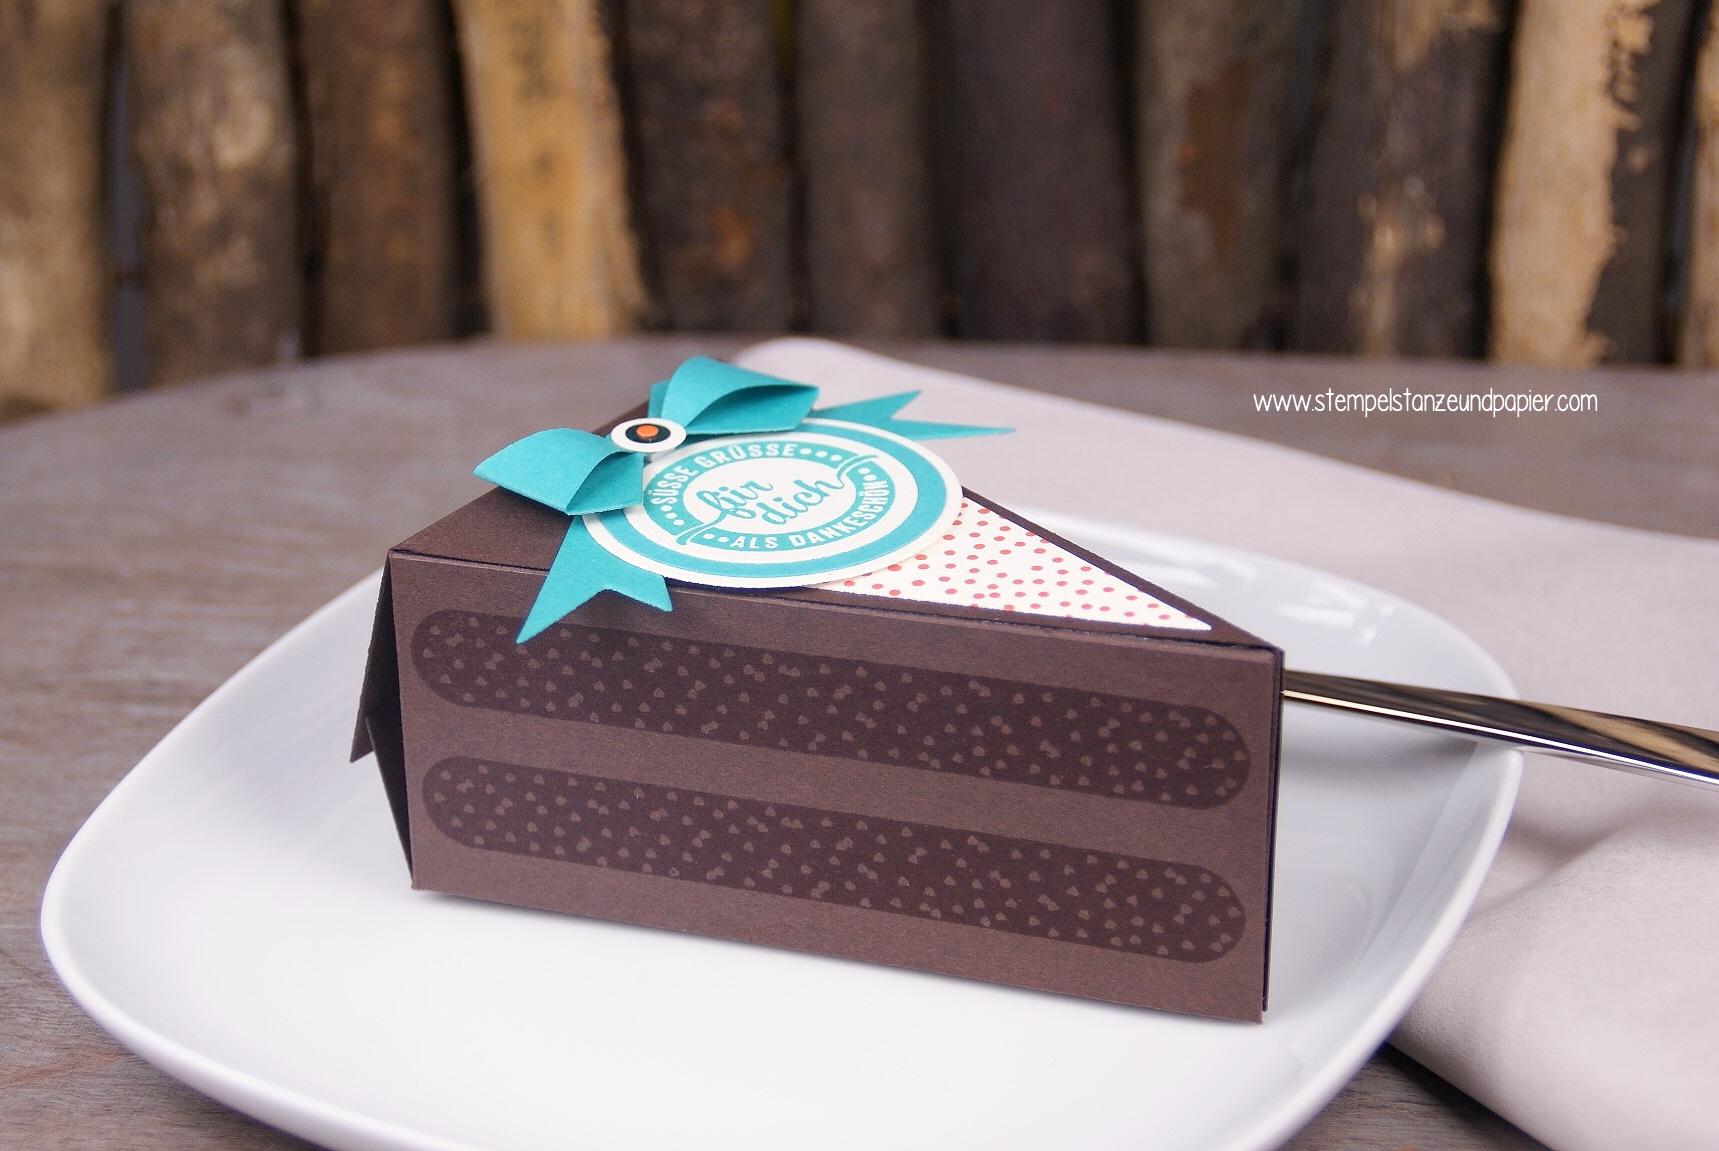 Thinlits Tortenstück|cutie pie|Stemeplset Süße Stückchen|gdp029|espresso|bermudablau|orangentraum|Tortenstück|Torte aus Papier|für dich